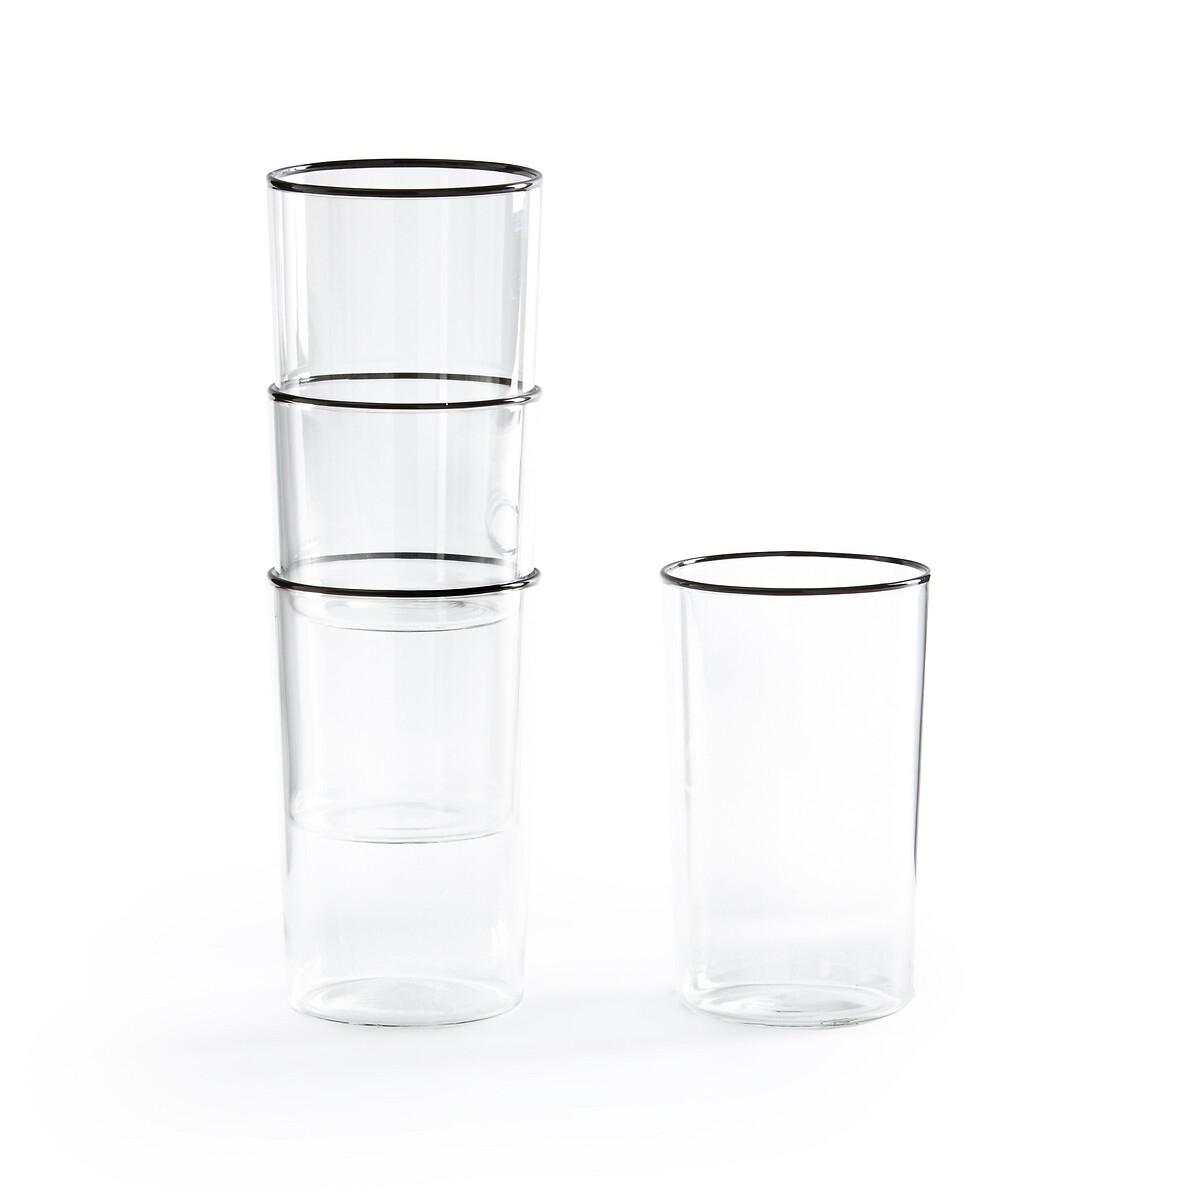 Комплект из 4 высоких стаканов LaRedoute Ammane единый размер черный комплект из 2 вешалок slofia laredoute из березы единый размер черный